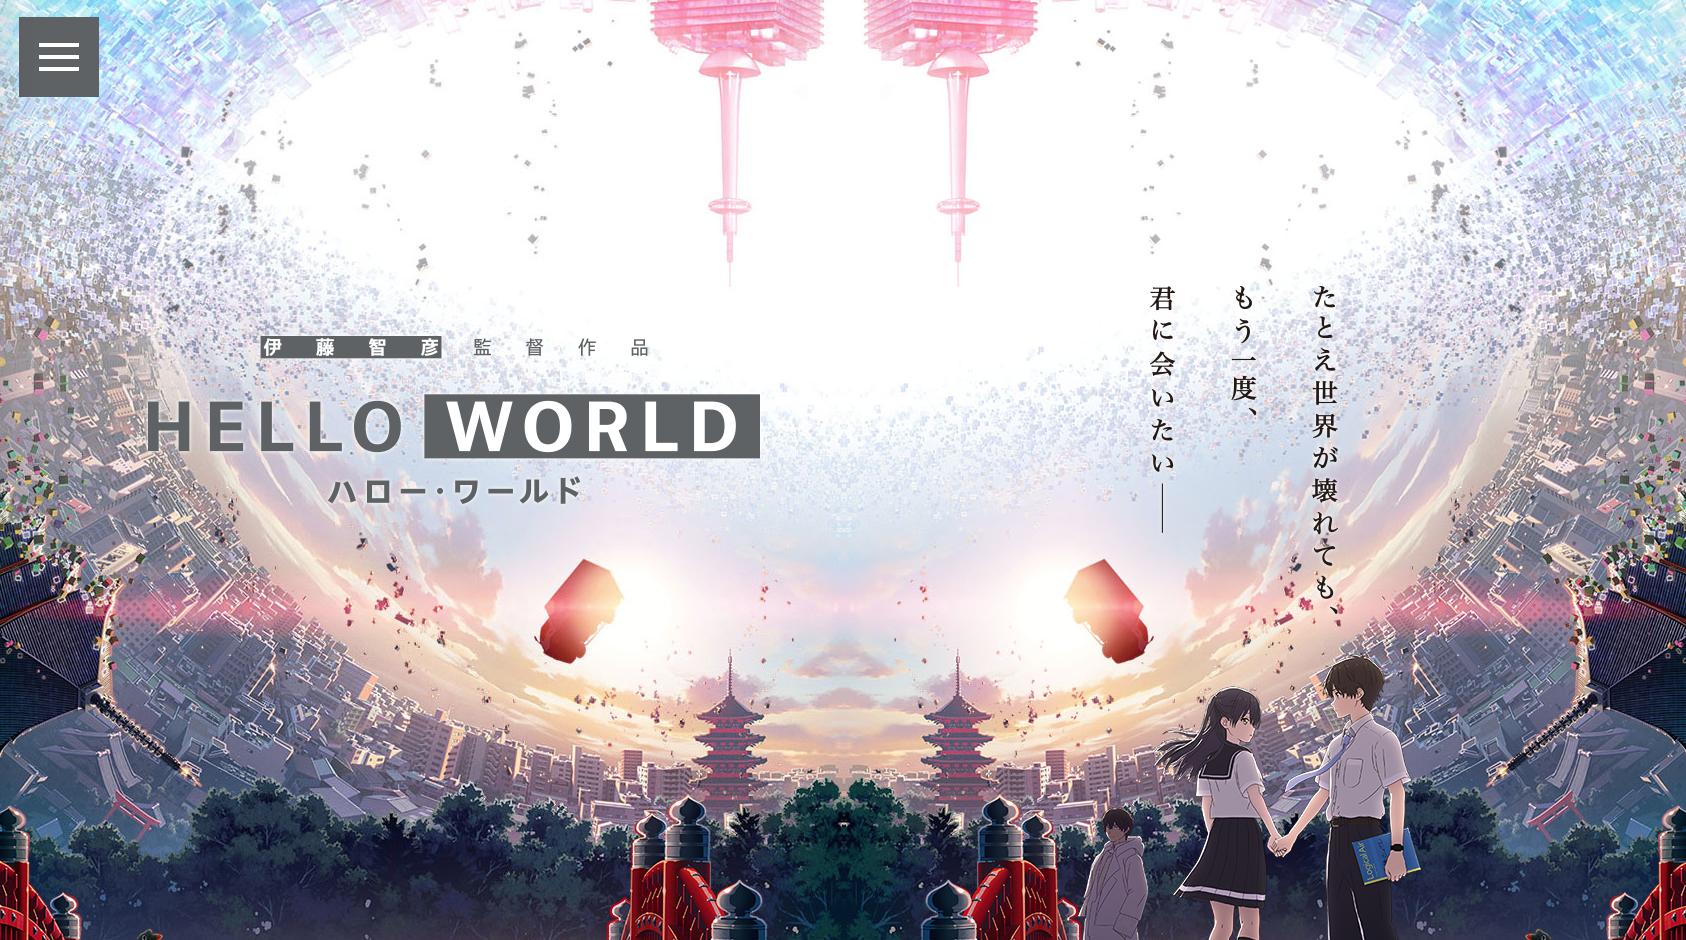 HELLO WORLD ハロー・ワールド